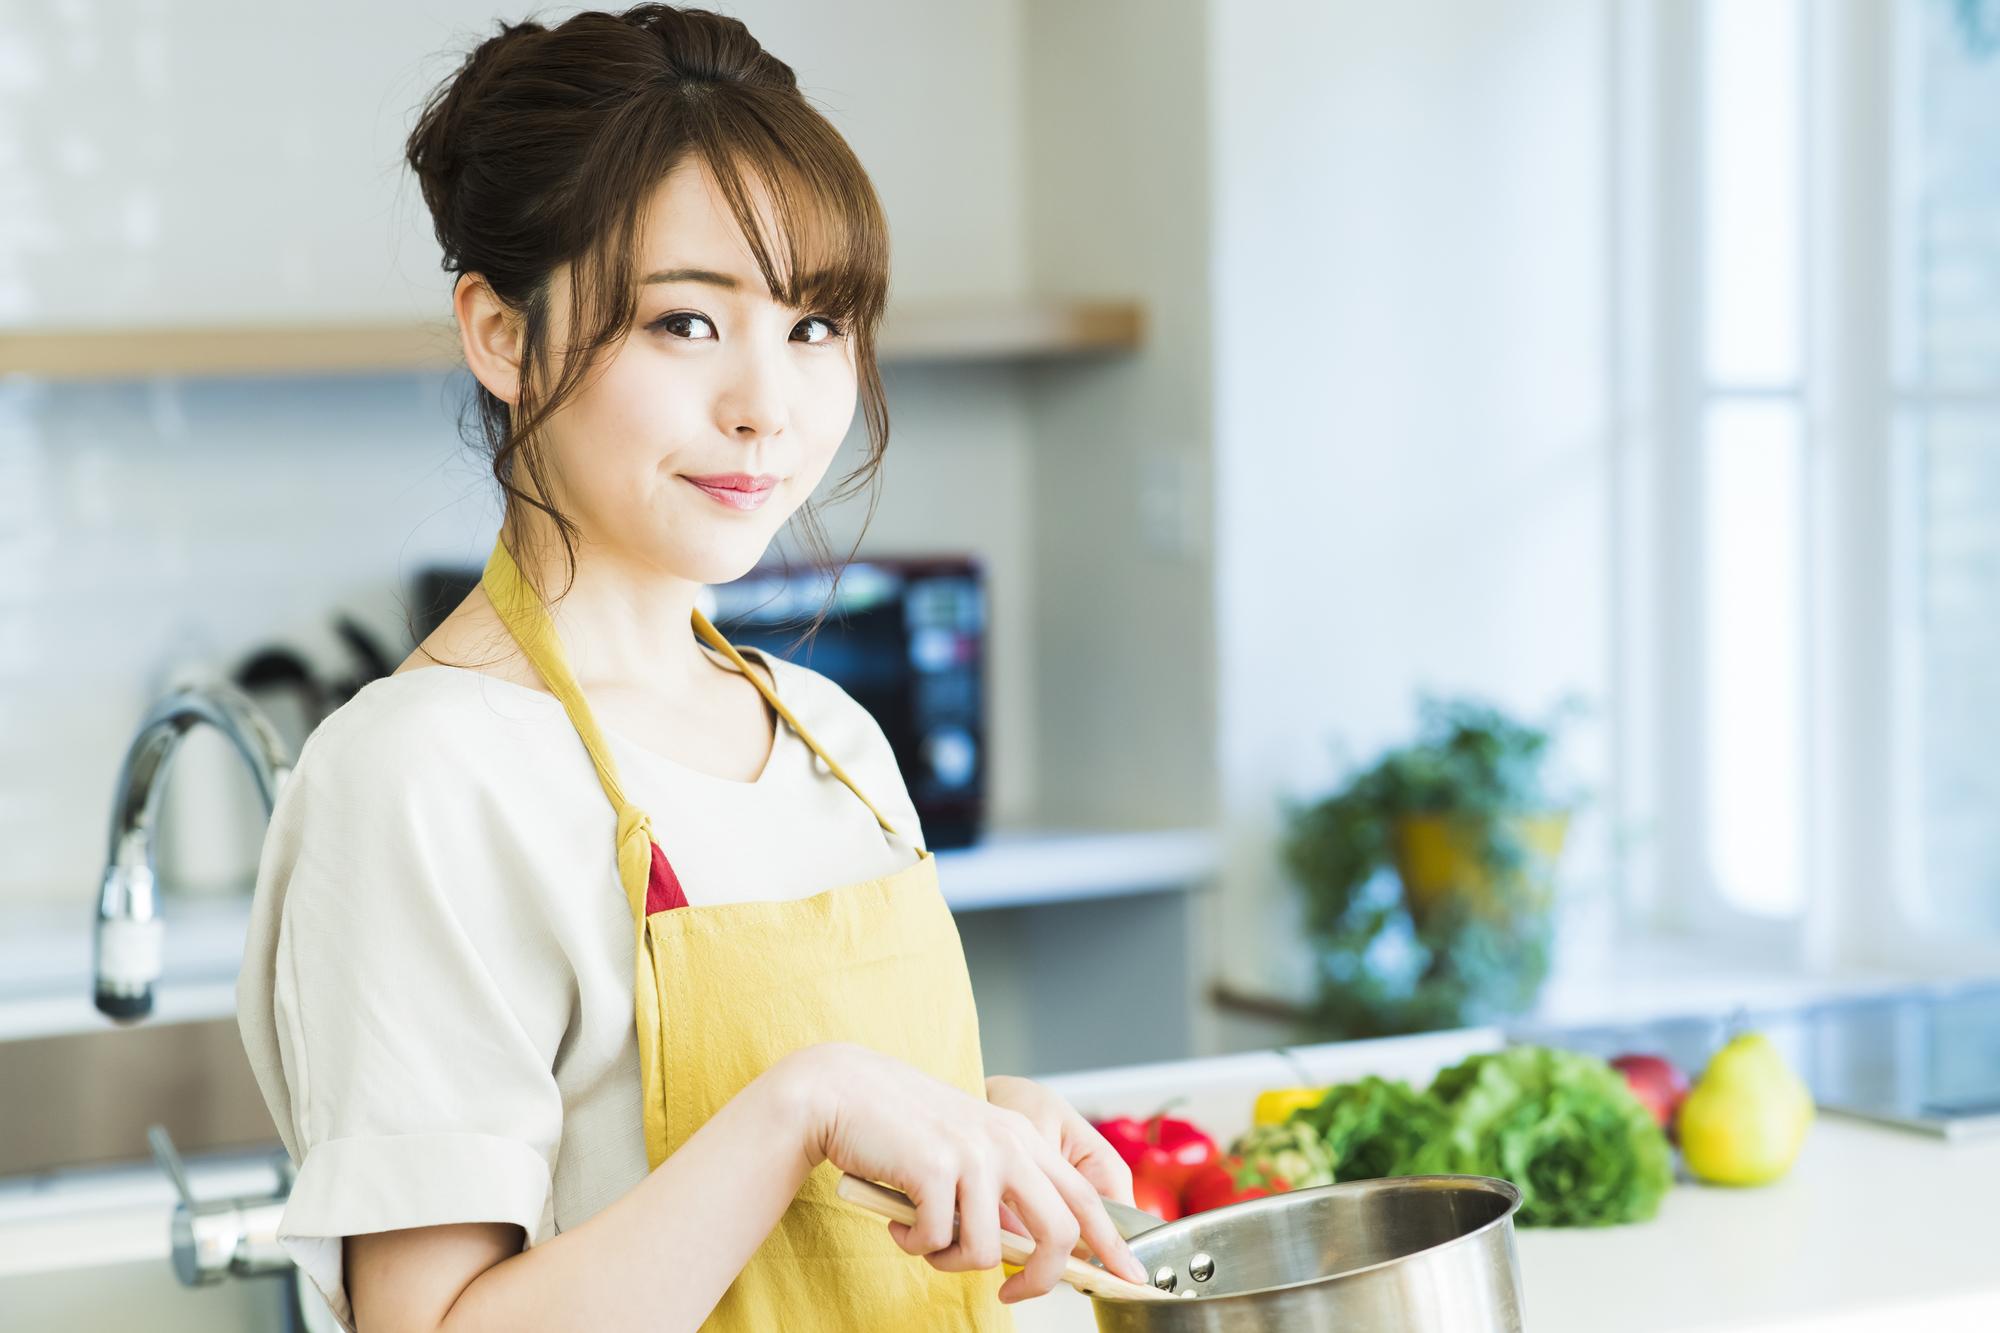 家飲みの料理レシピをご紹介